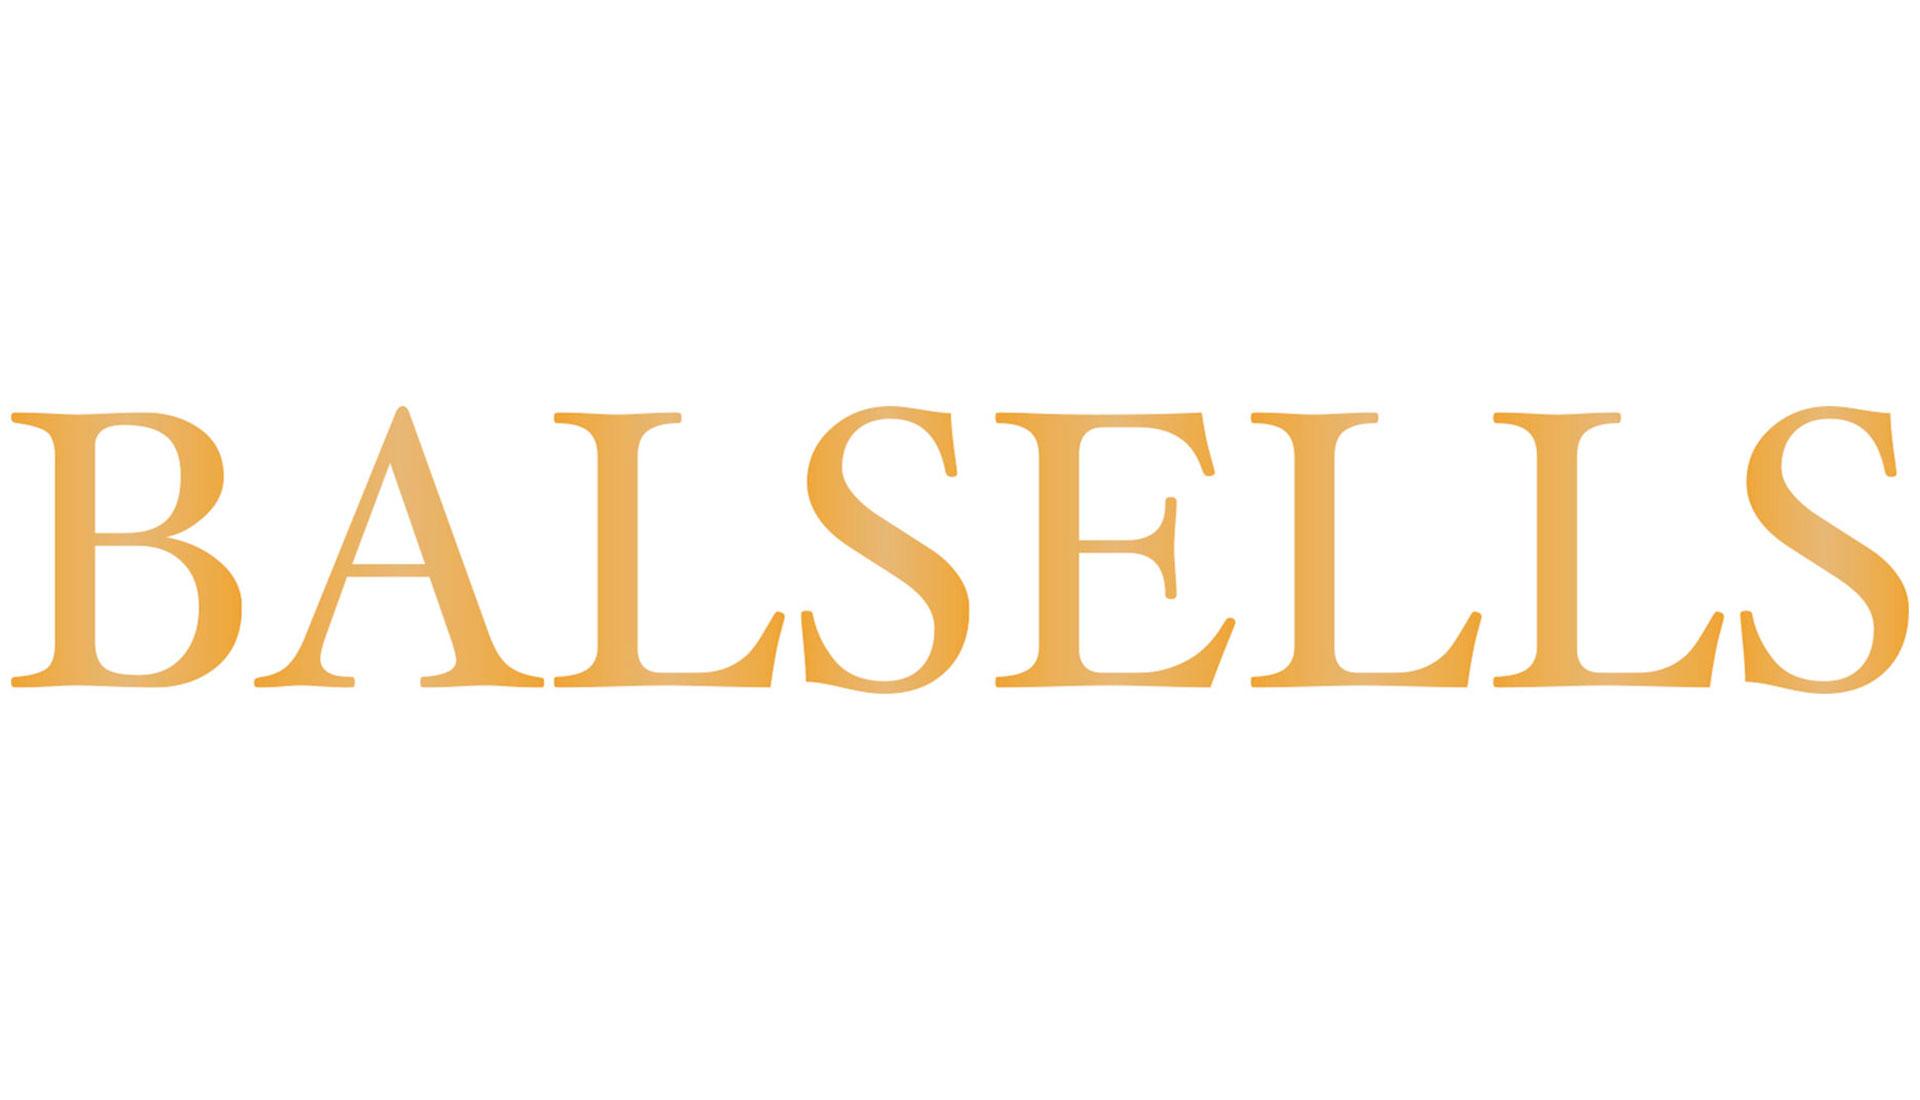 agencia-marketing-digital-valencia-identidad-corporativa-branding-seguros-balsells-03